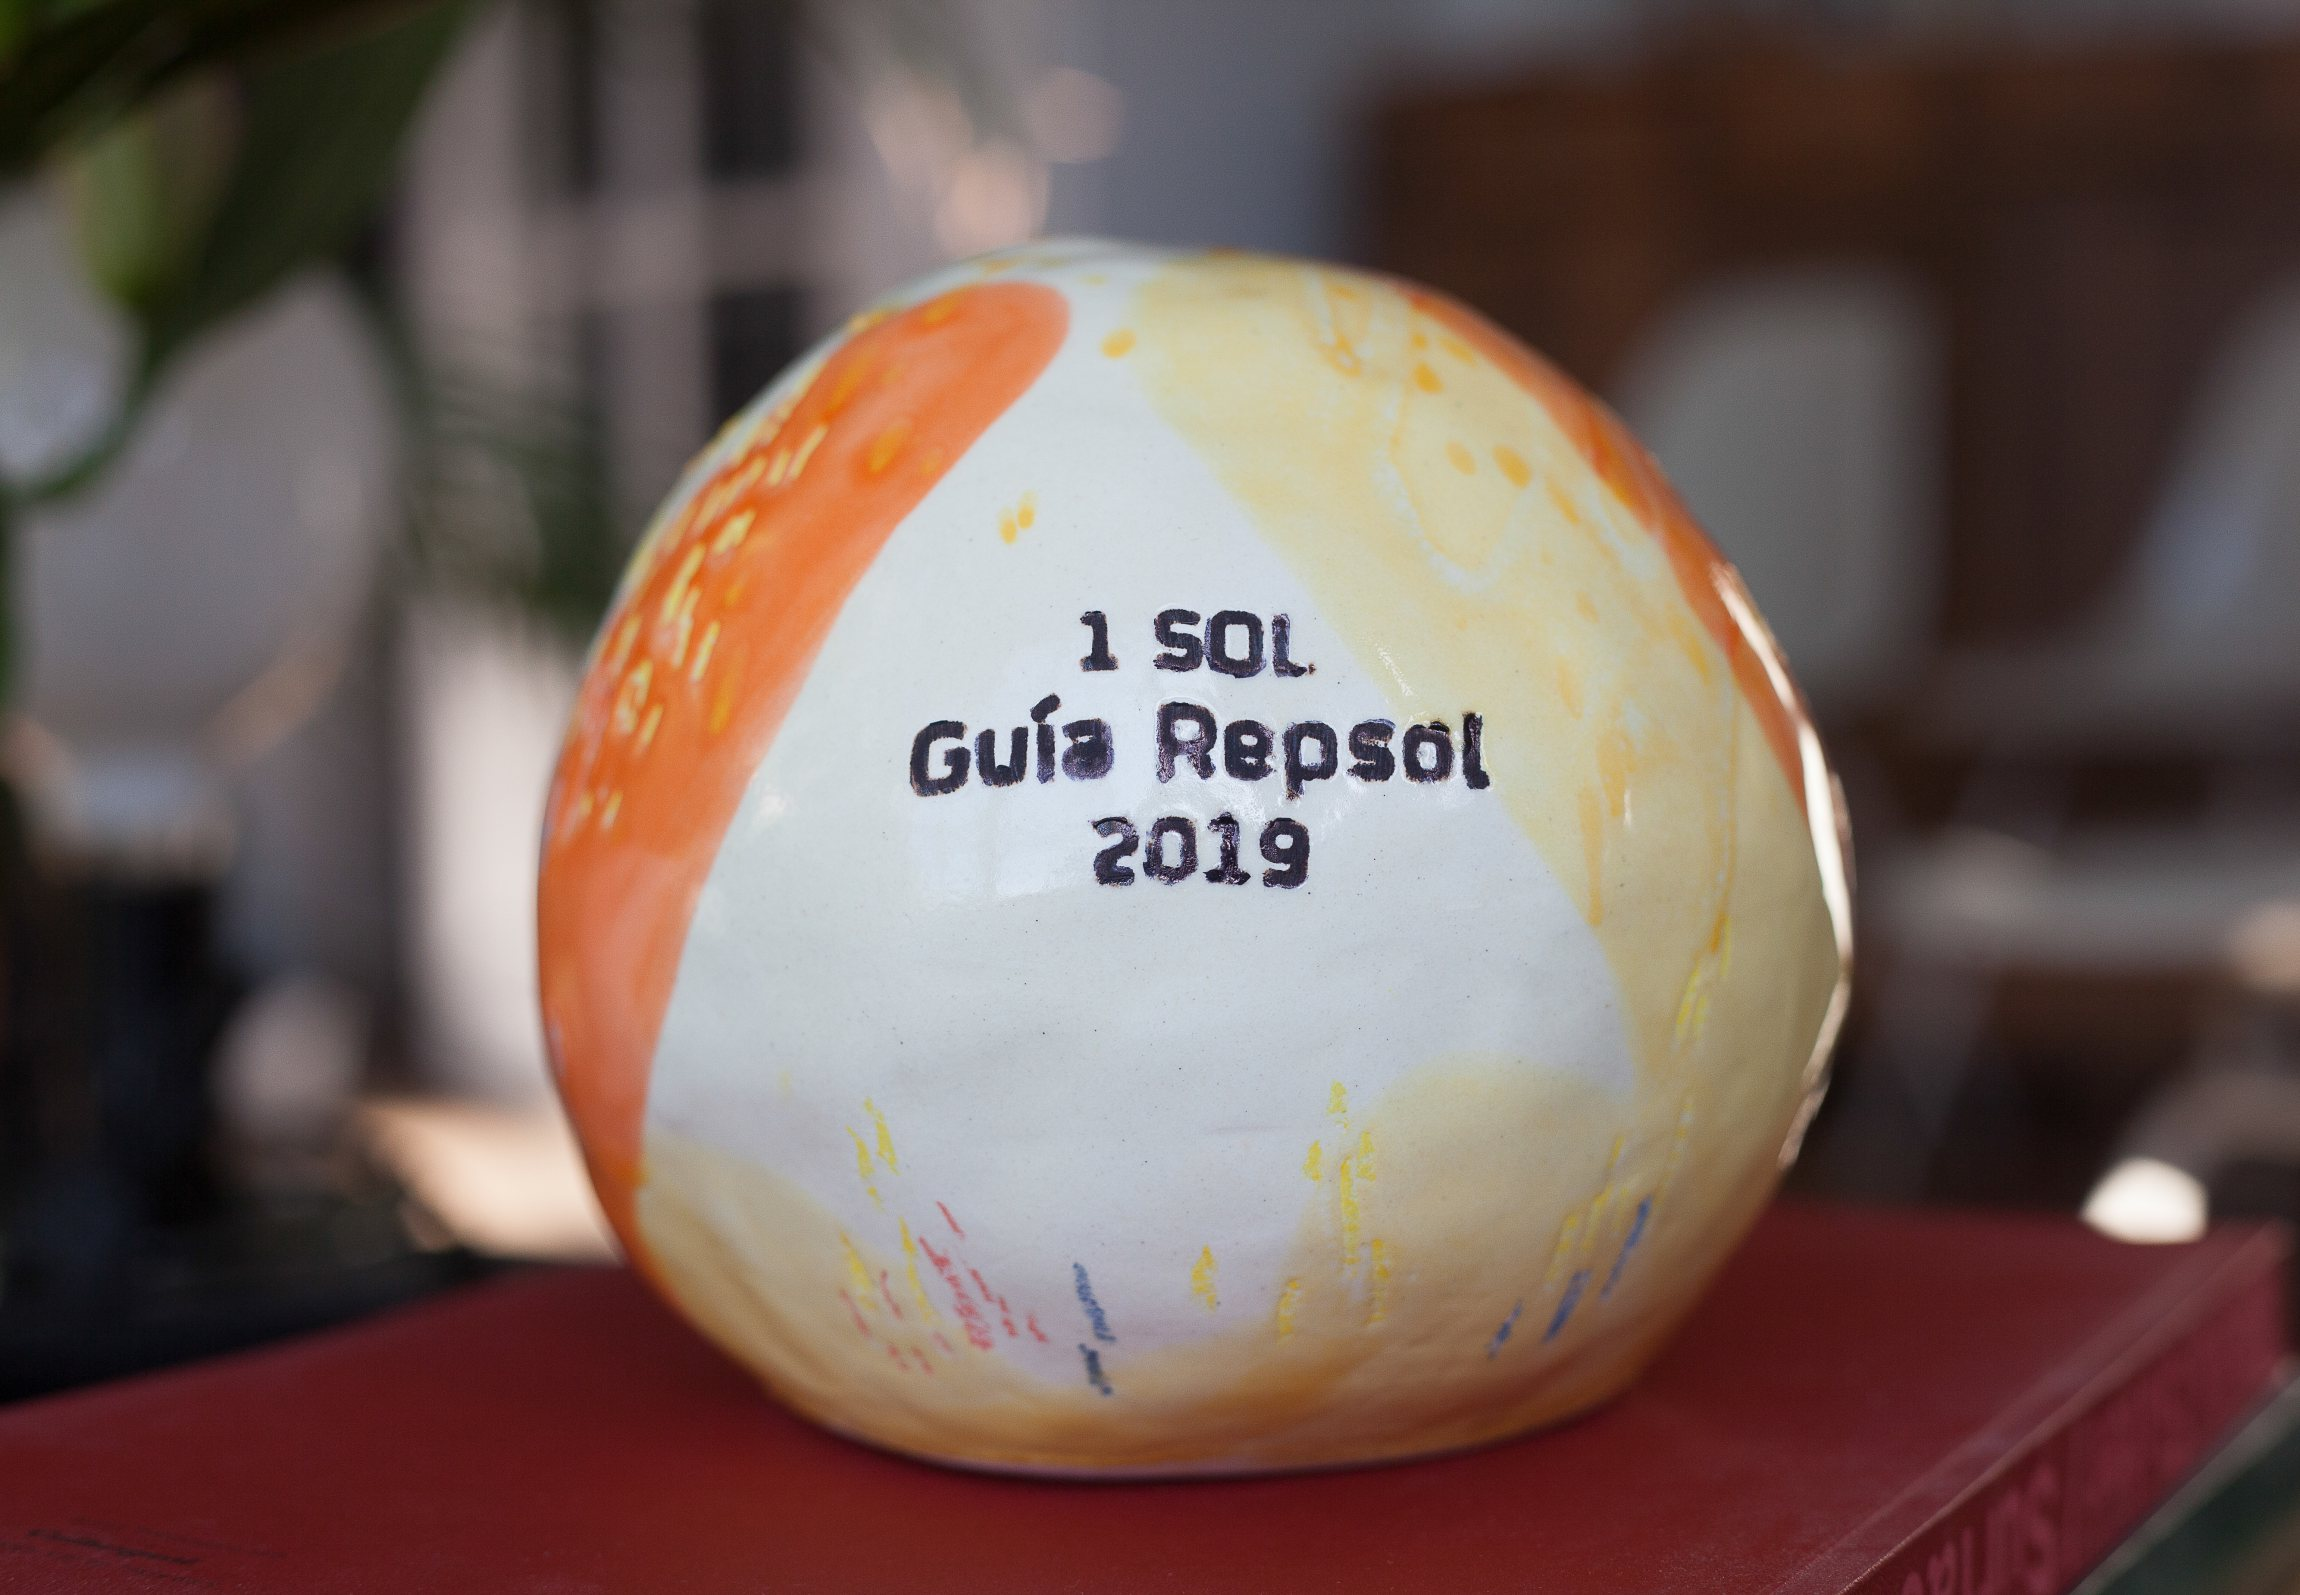 Soles Guía Repsol diseñados por Luis Úrculo.